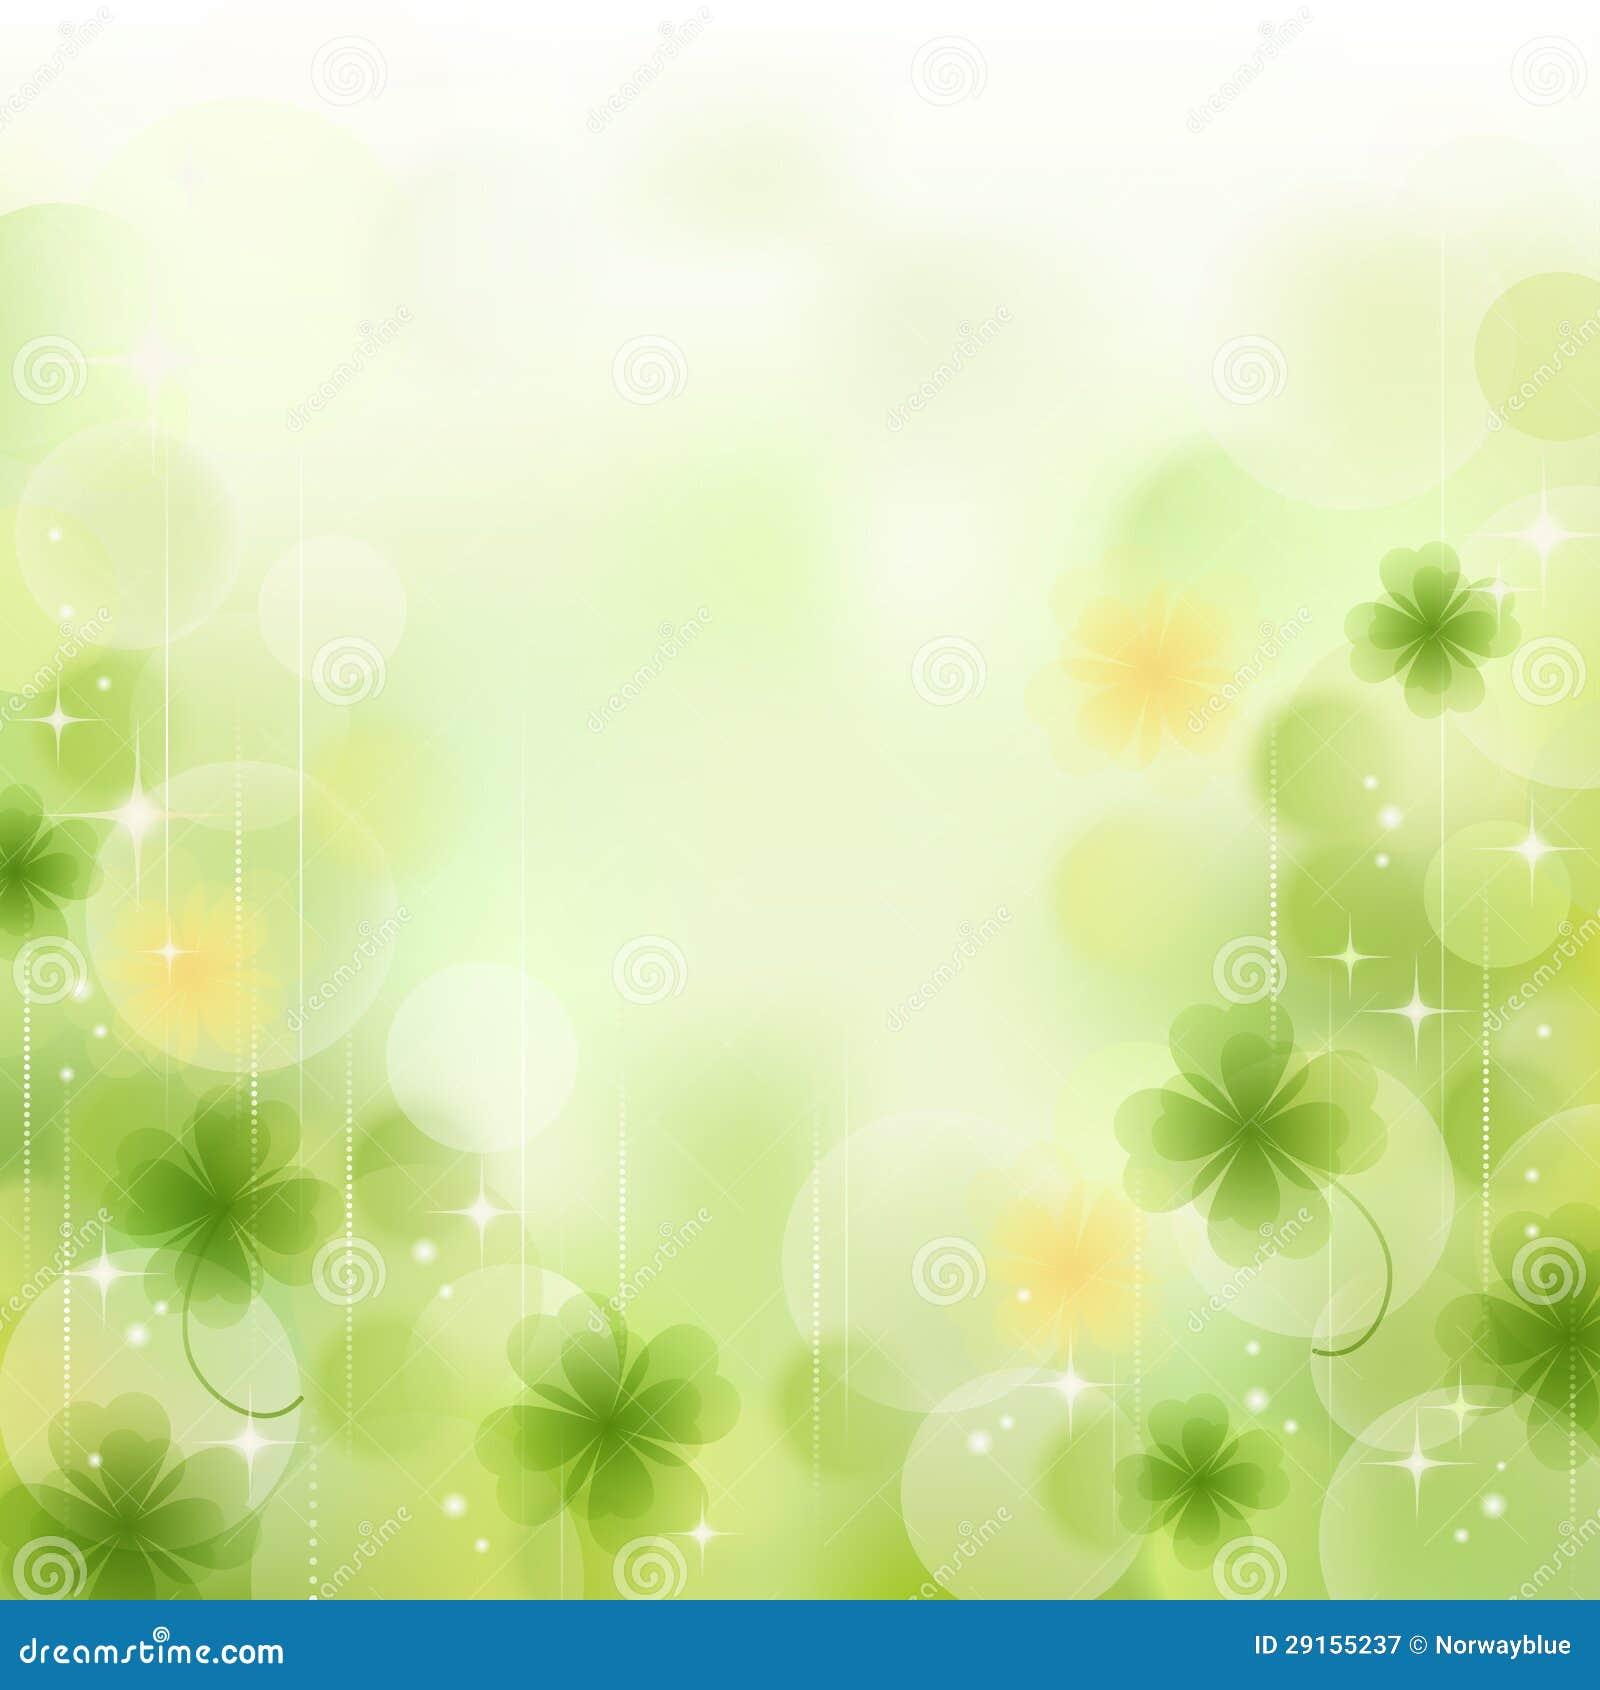 fresh green clover background stock vector illustration